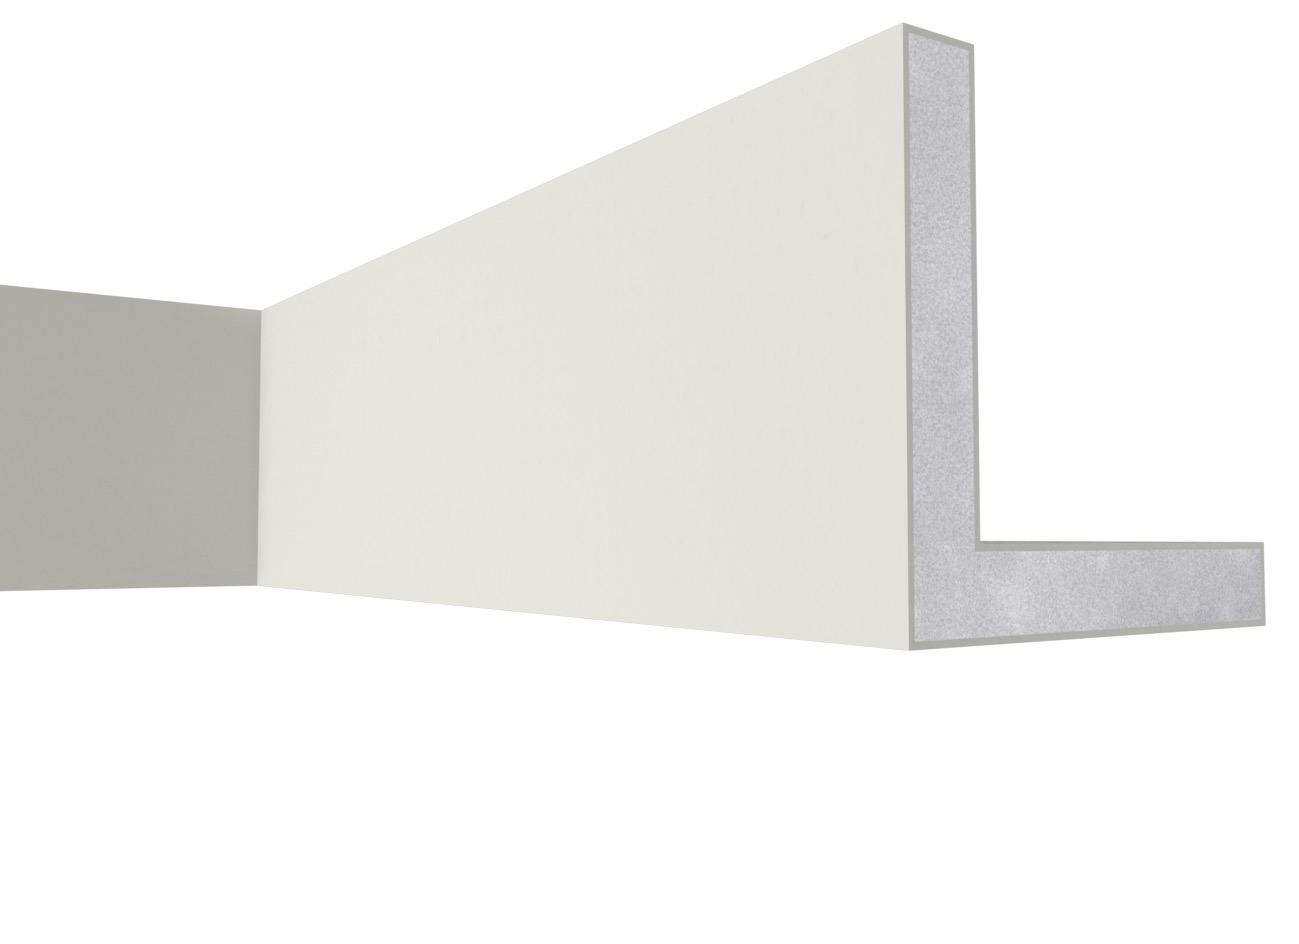 Par 15 - Cornice angolare in polistirene spalmato con graniglie - Decorget - Ital Decori - Image 0